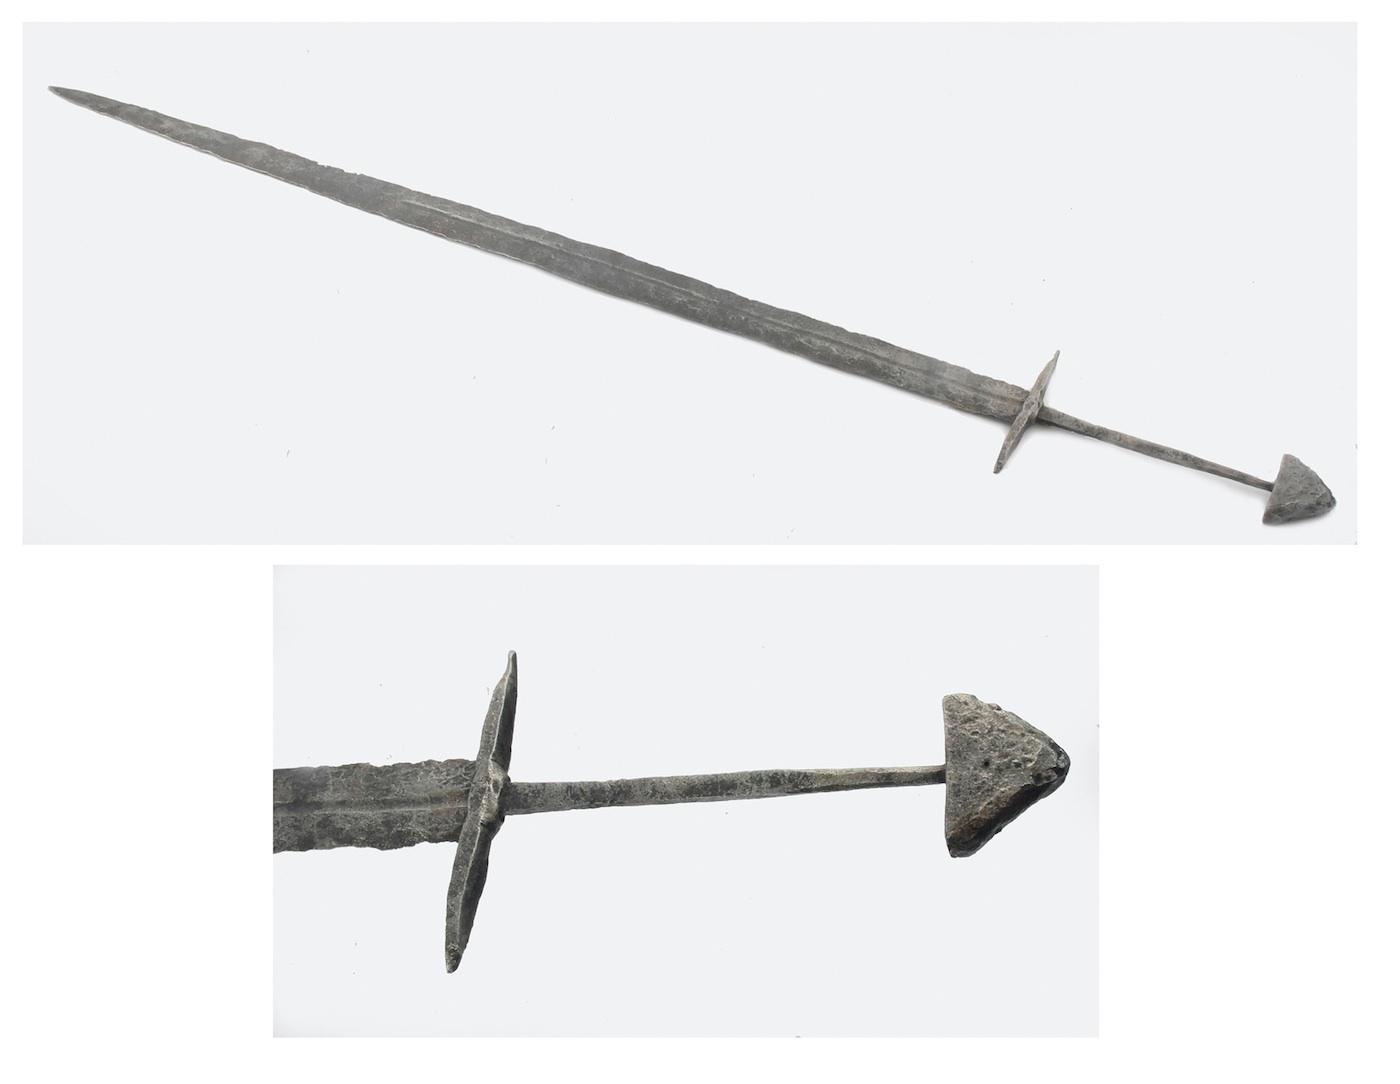 Miecz średniowieczny, półtoraręczny, obosieczny;